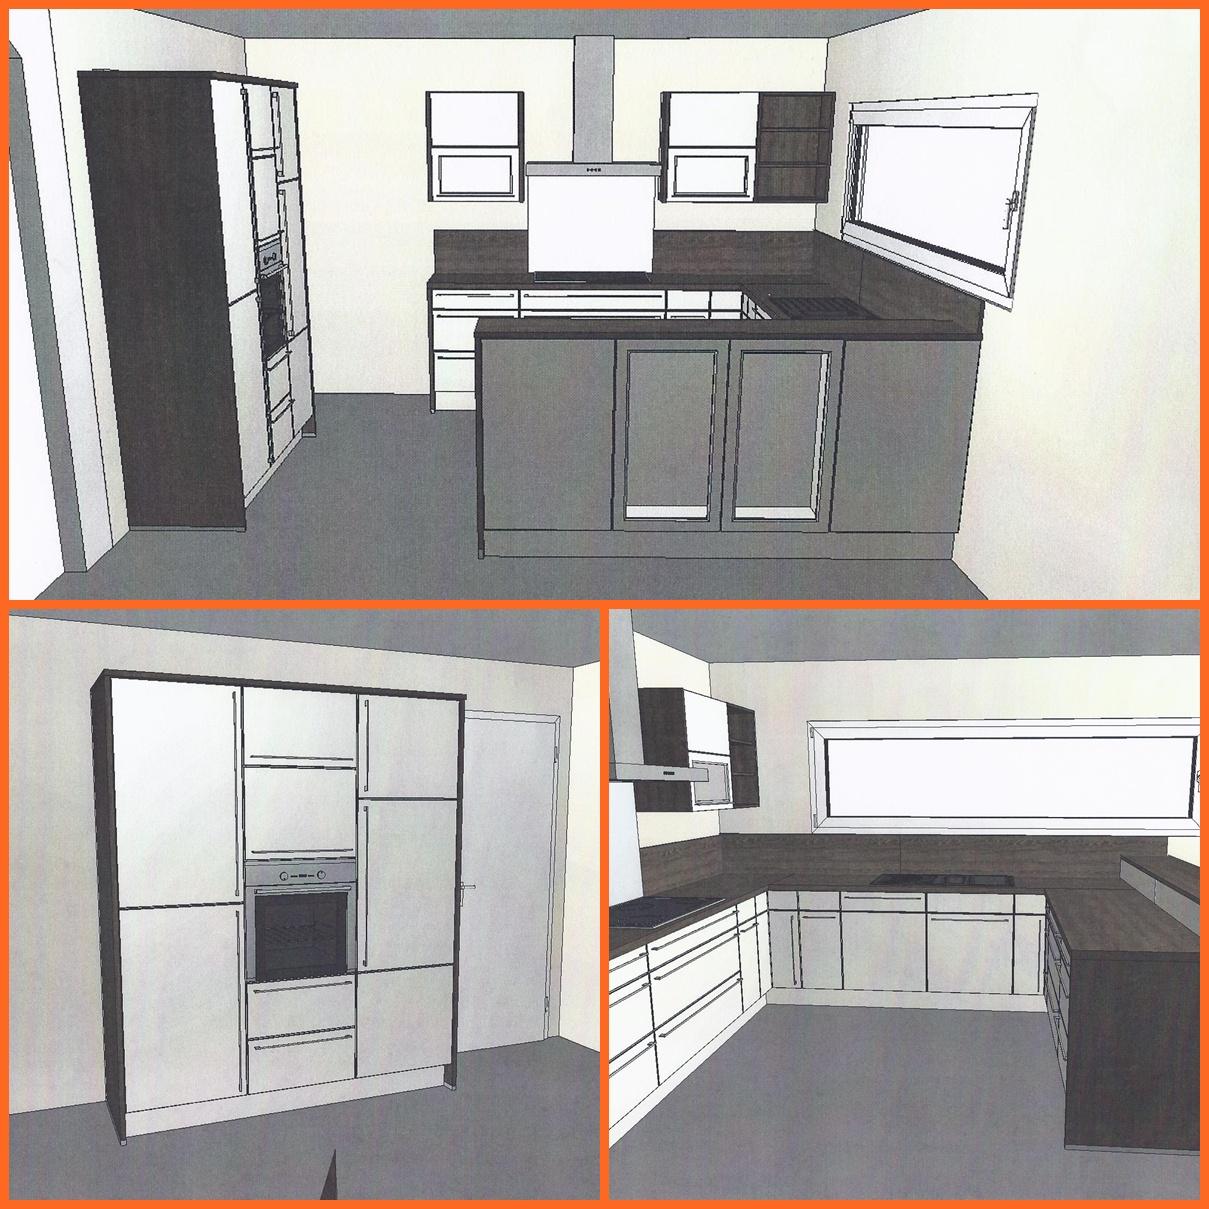 Fingerhaus küche  Vio421 - Wir bauen ein Fingerhaus: Unsere neue Küche